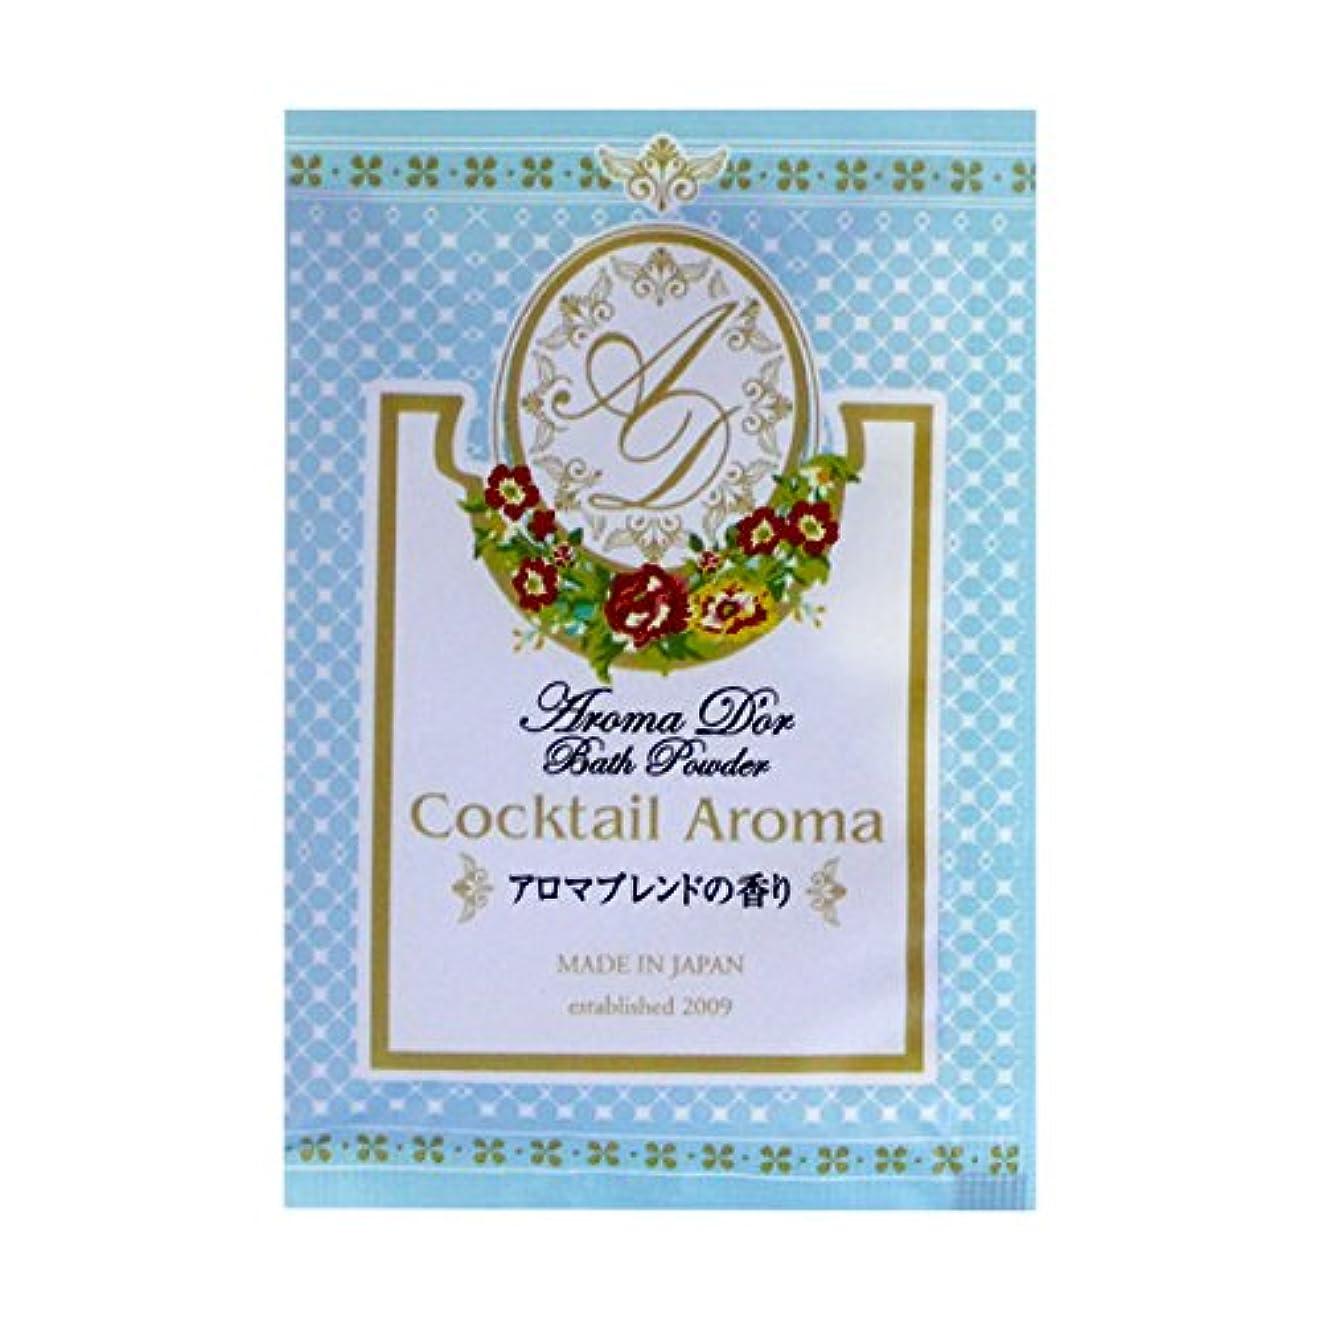 良さ代わりに迷信入浴剤 アロマドールバスパウダー 「アロマブレンドの香り」30個